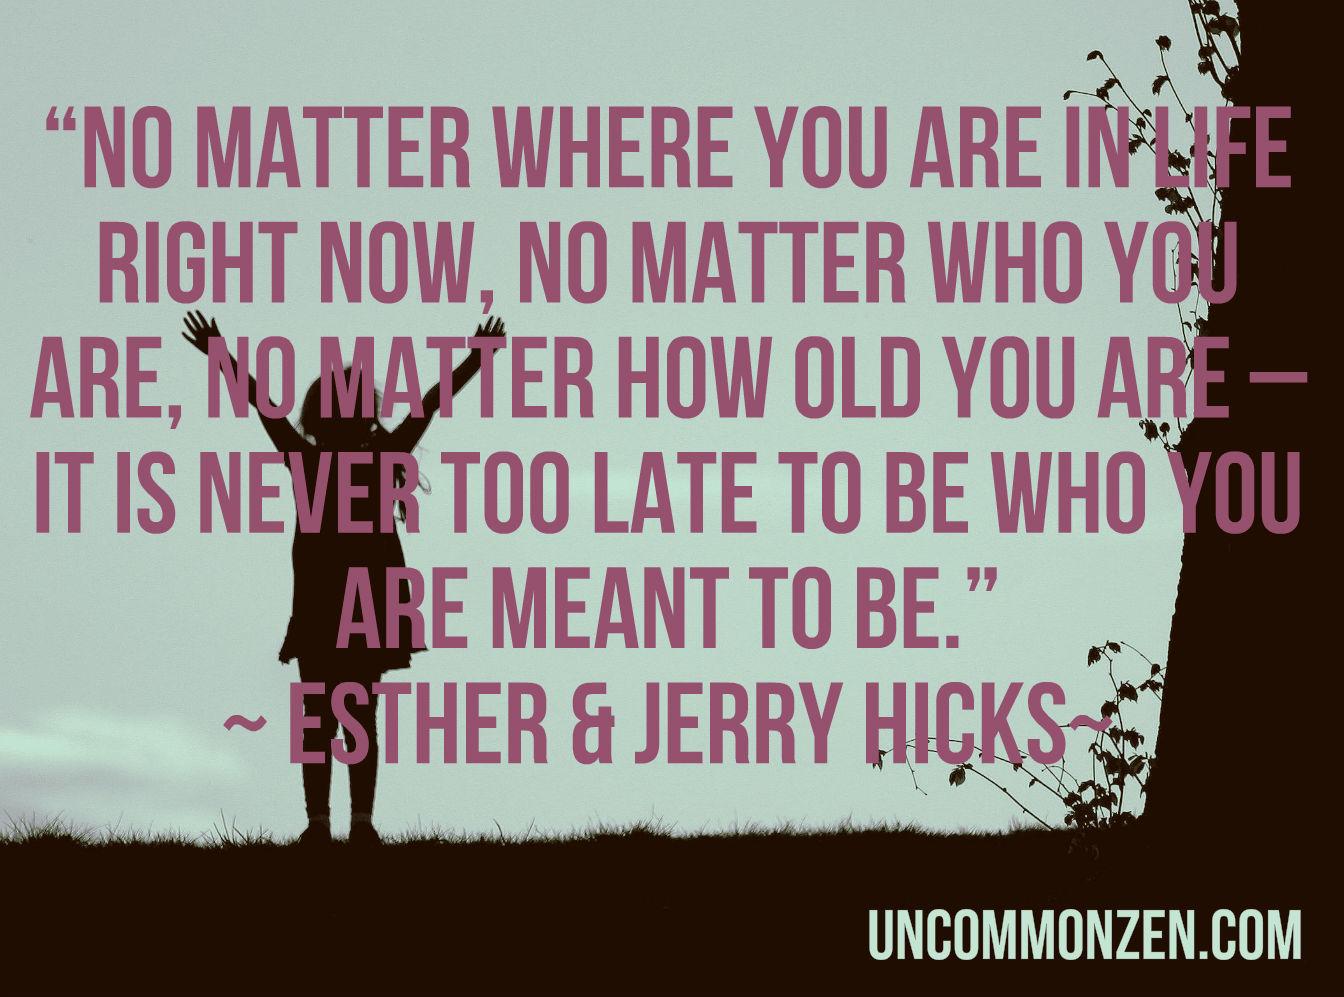 Image from uncommonzen.com